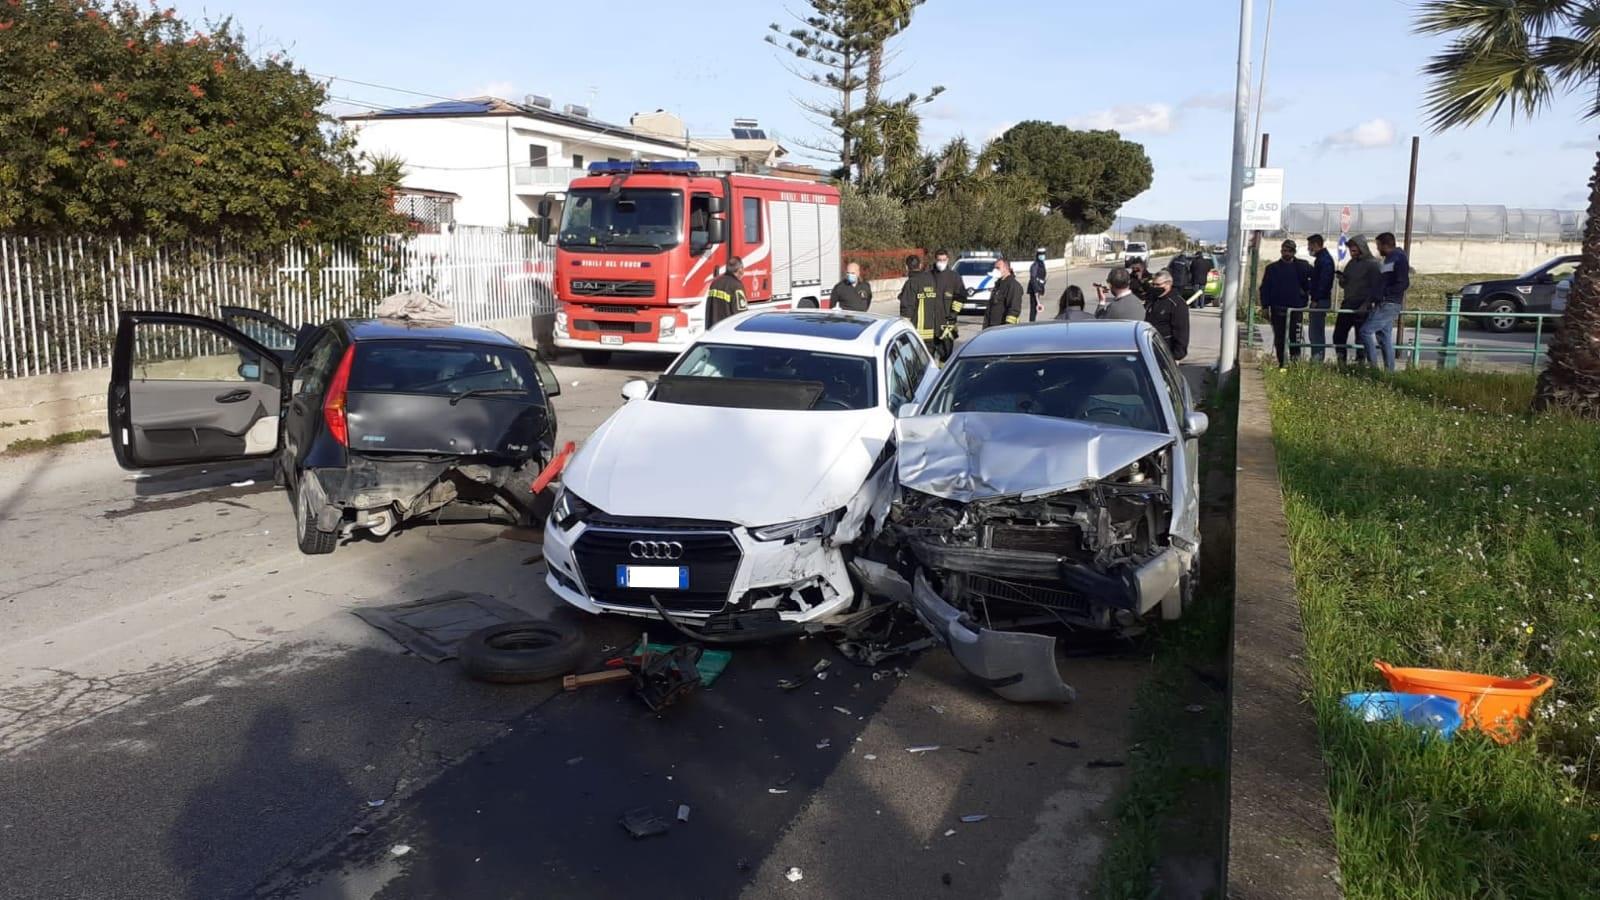 Incidente stradale in Sicilia, forte impatto e auto distrutte: municipale e vigili del fuoco sul posto – FOTO